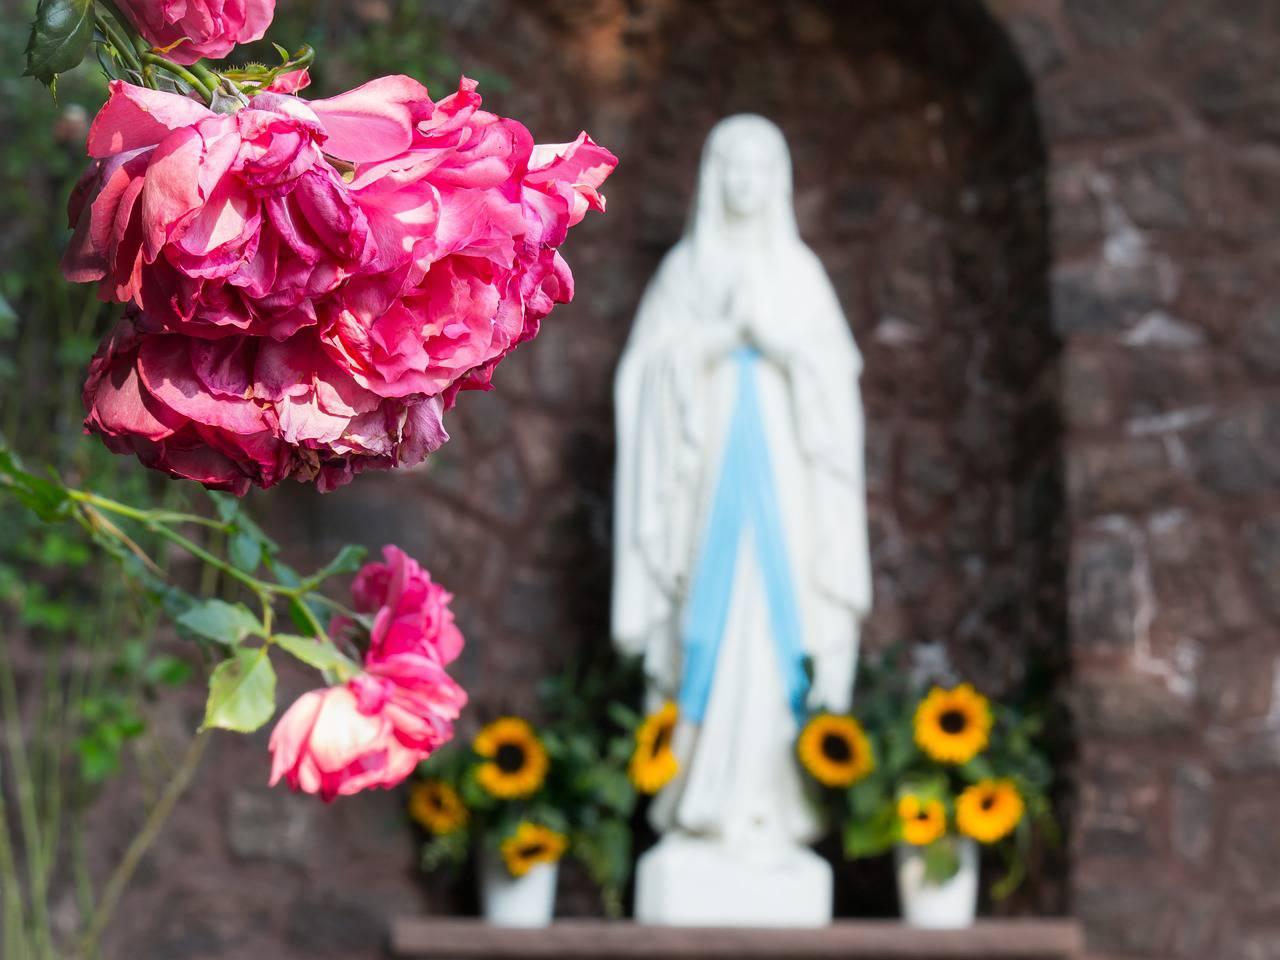 Simbolika cvijeća u kršćanstvu: Djetelina simbolizira Trojstvo, a maslačak Kristovu muku